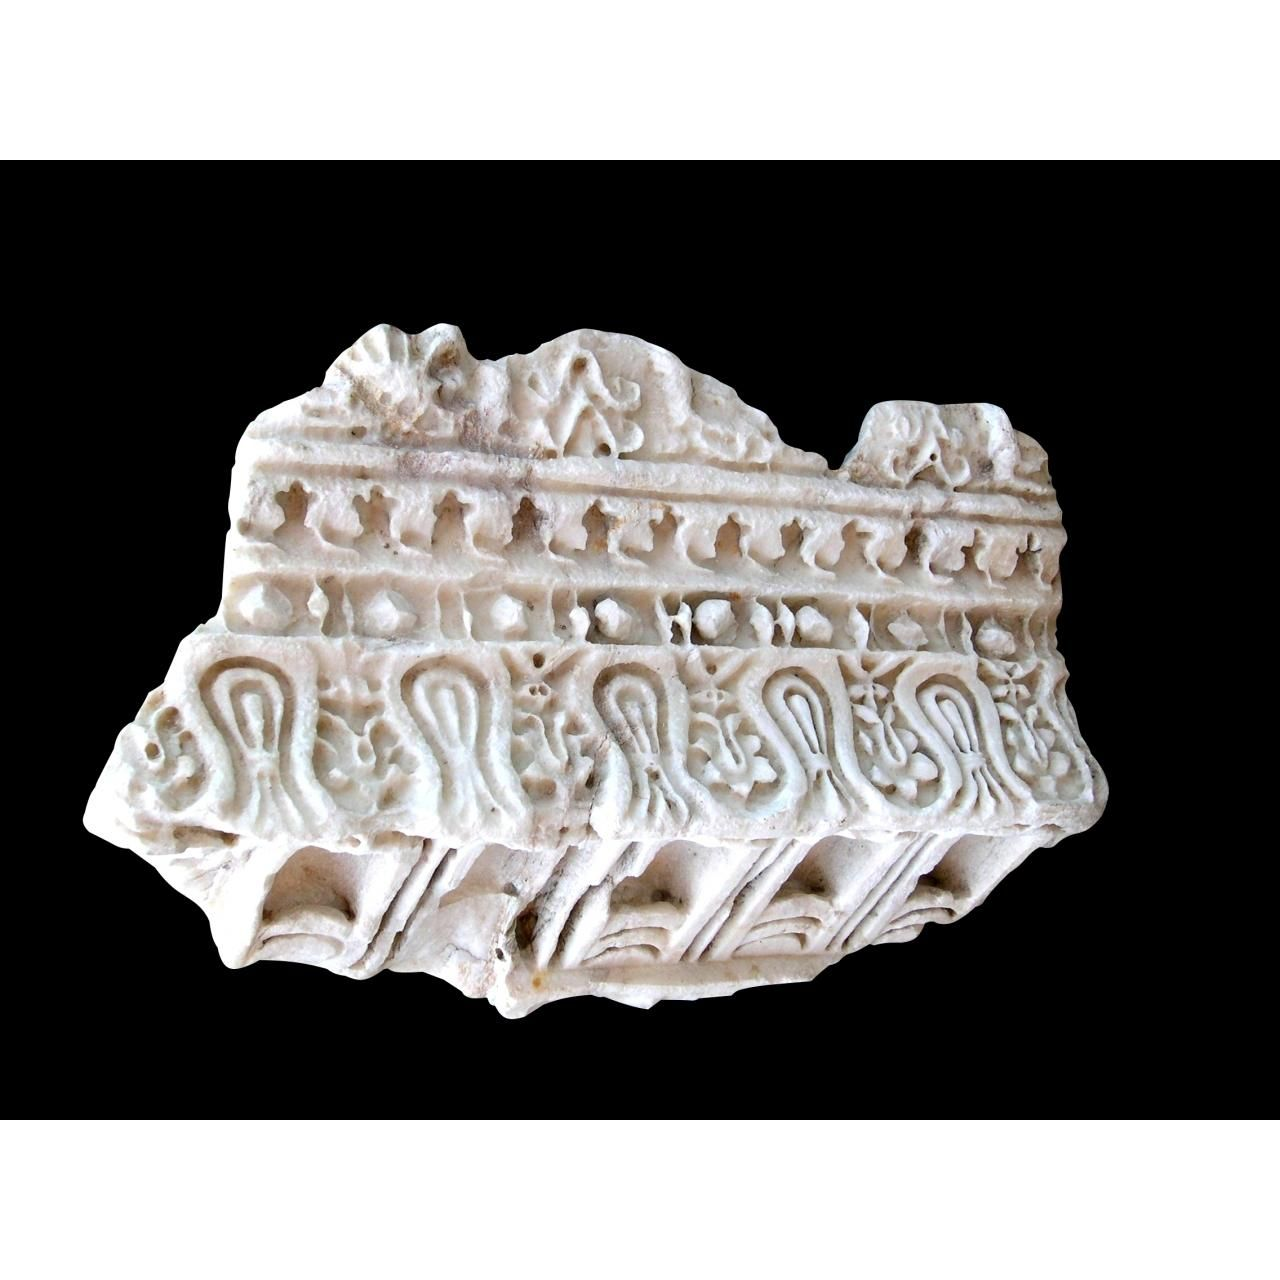 Frammento di cornice in marmo bianco dalla Collezione M della fondazione Sorgente Group